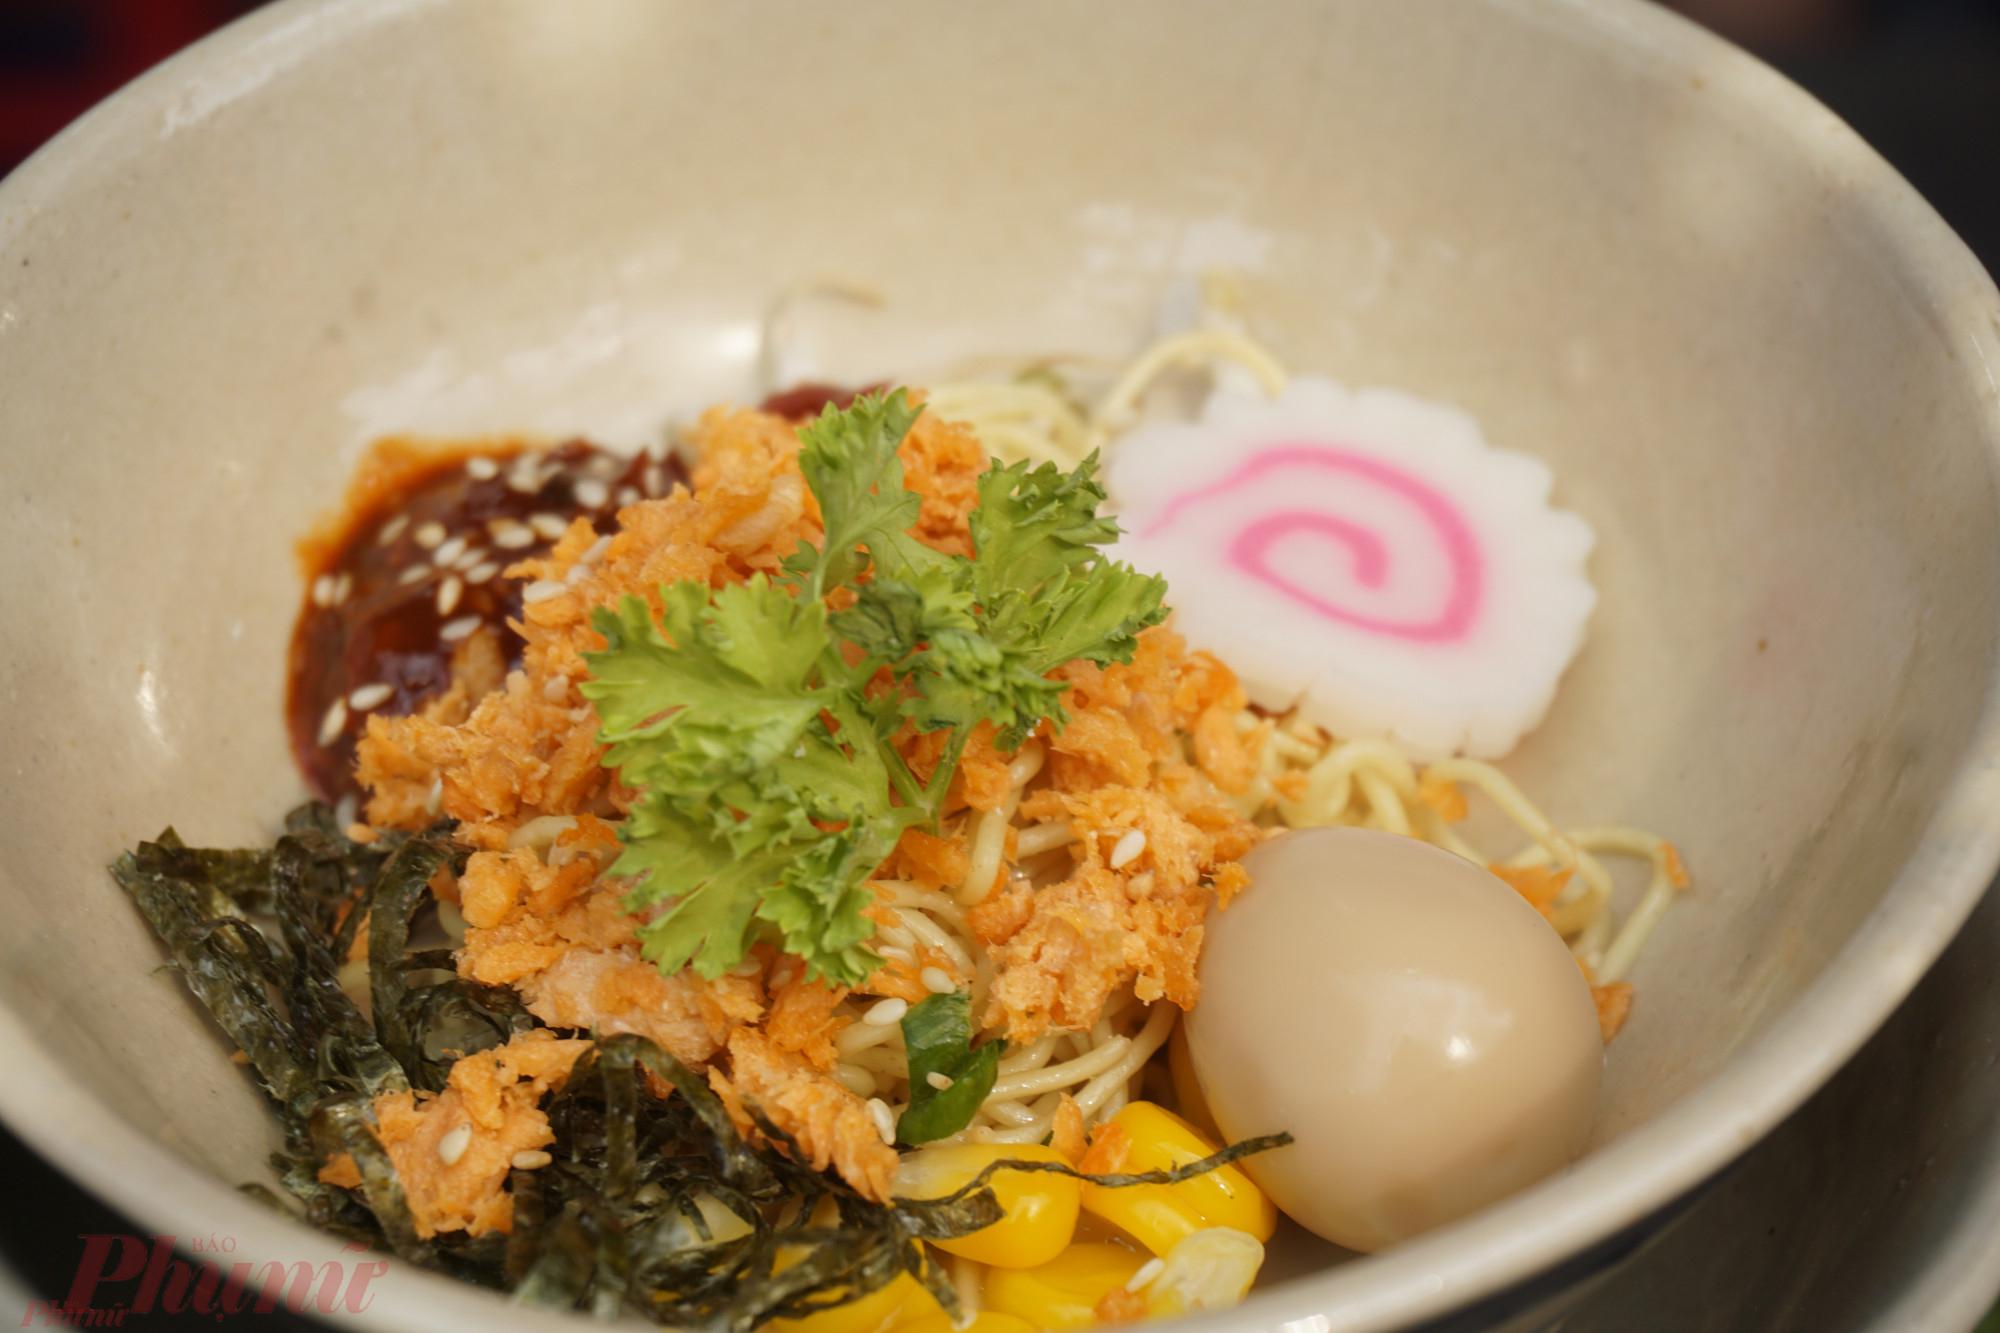 Mì cá hồi kiểu Trung Hoa nhận được khá nhiều sự chú ý tại lễ hội ẩm thực lần này.